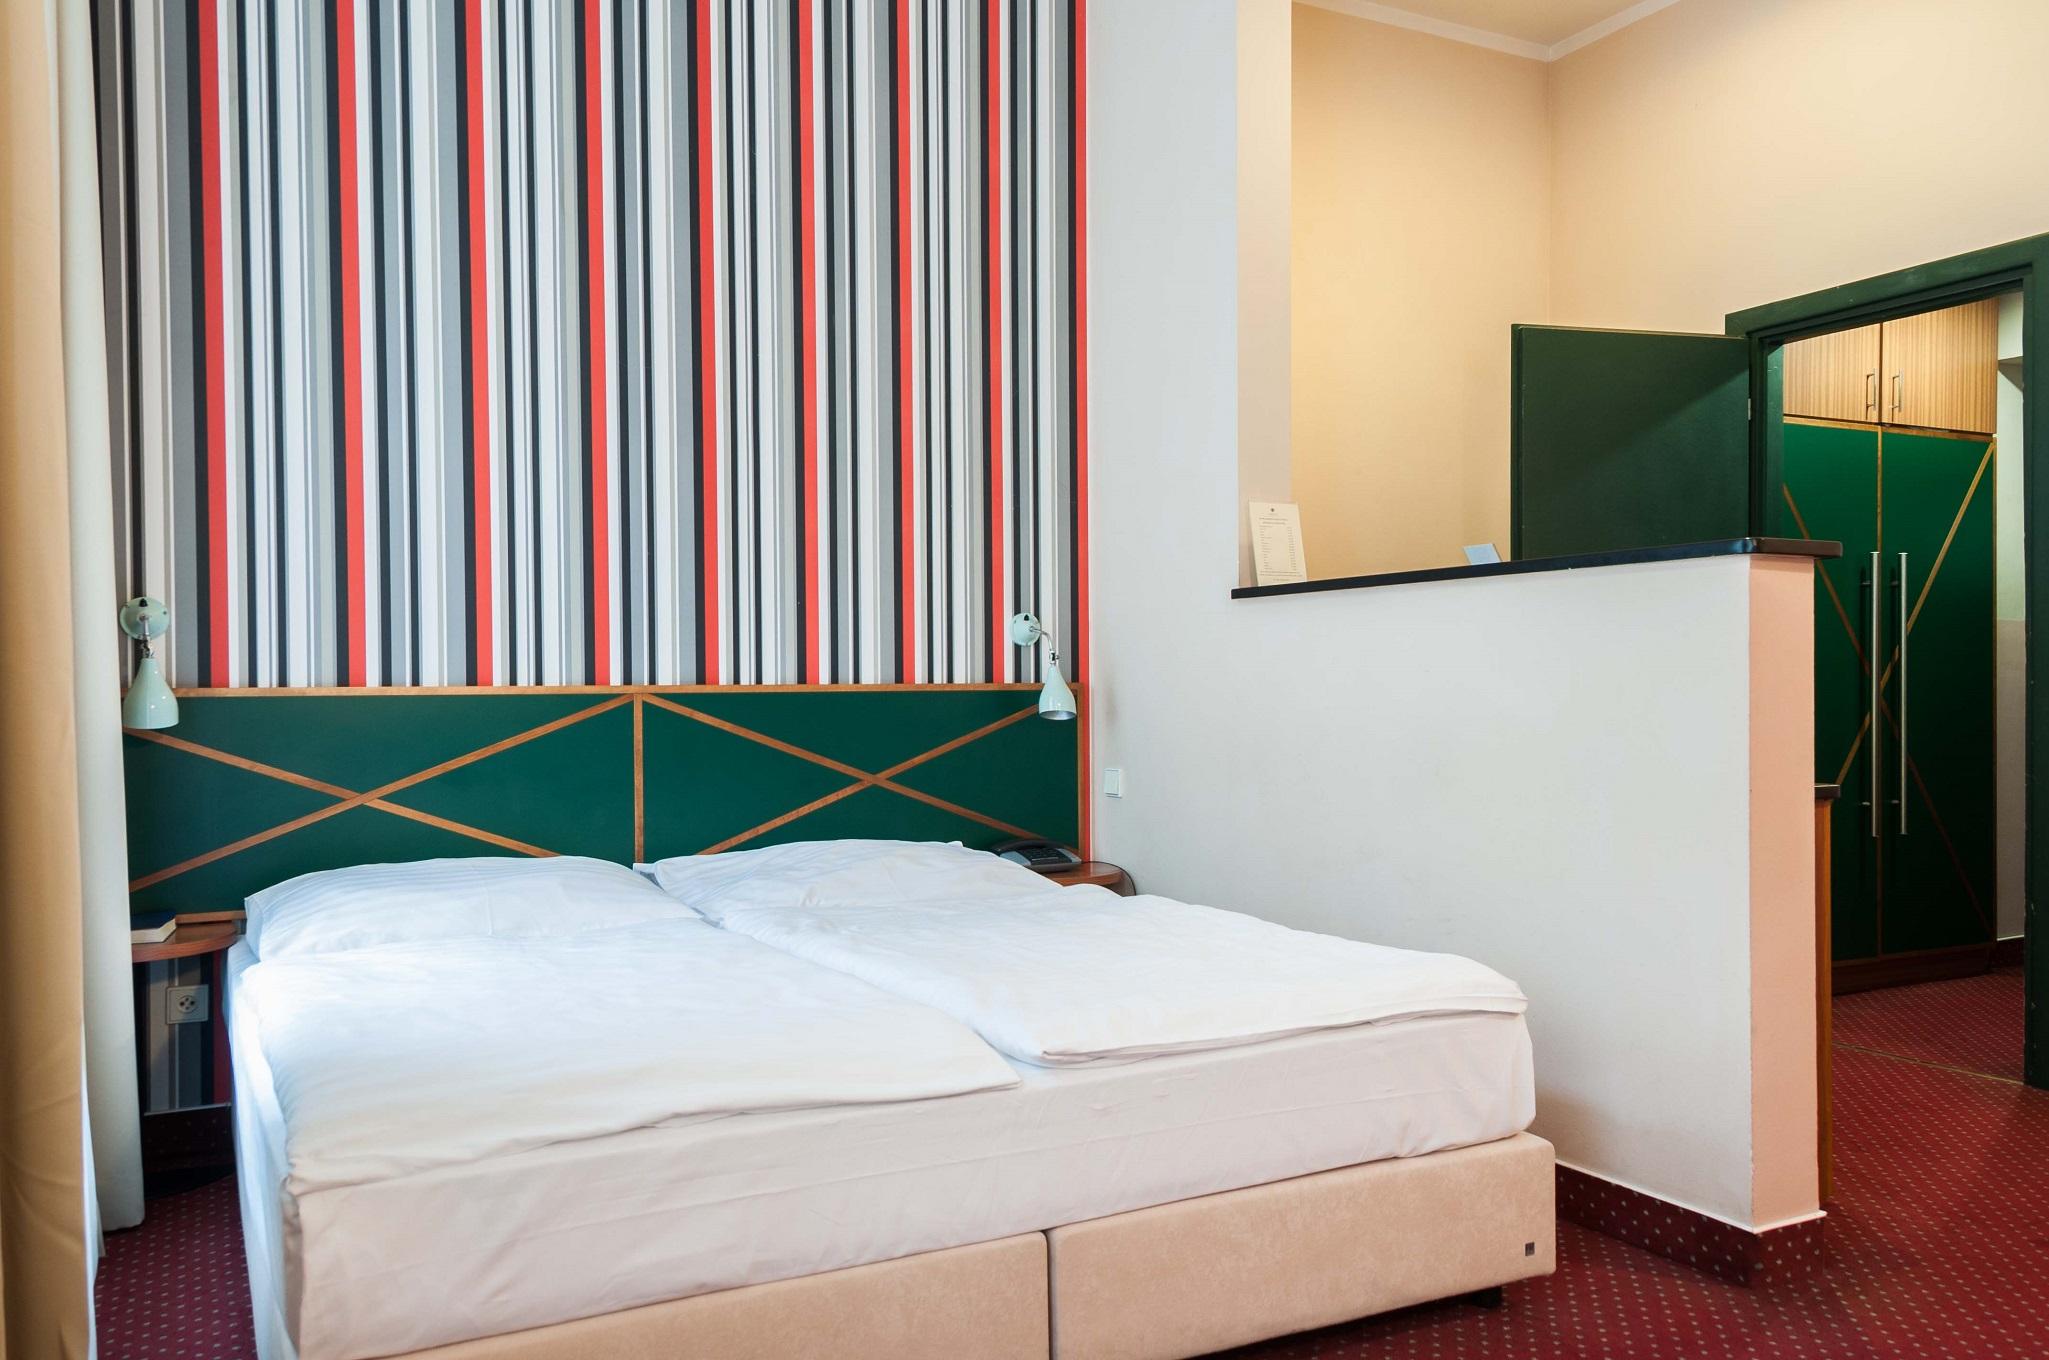 Pokoj standard praha mal strana obr zky hotelov ch pokoj for Hotel residence mala strana tripadvisor